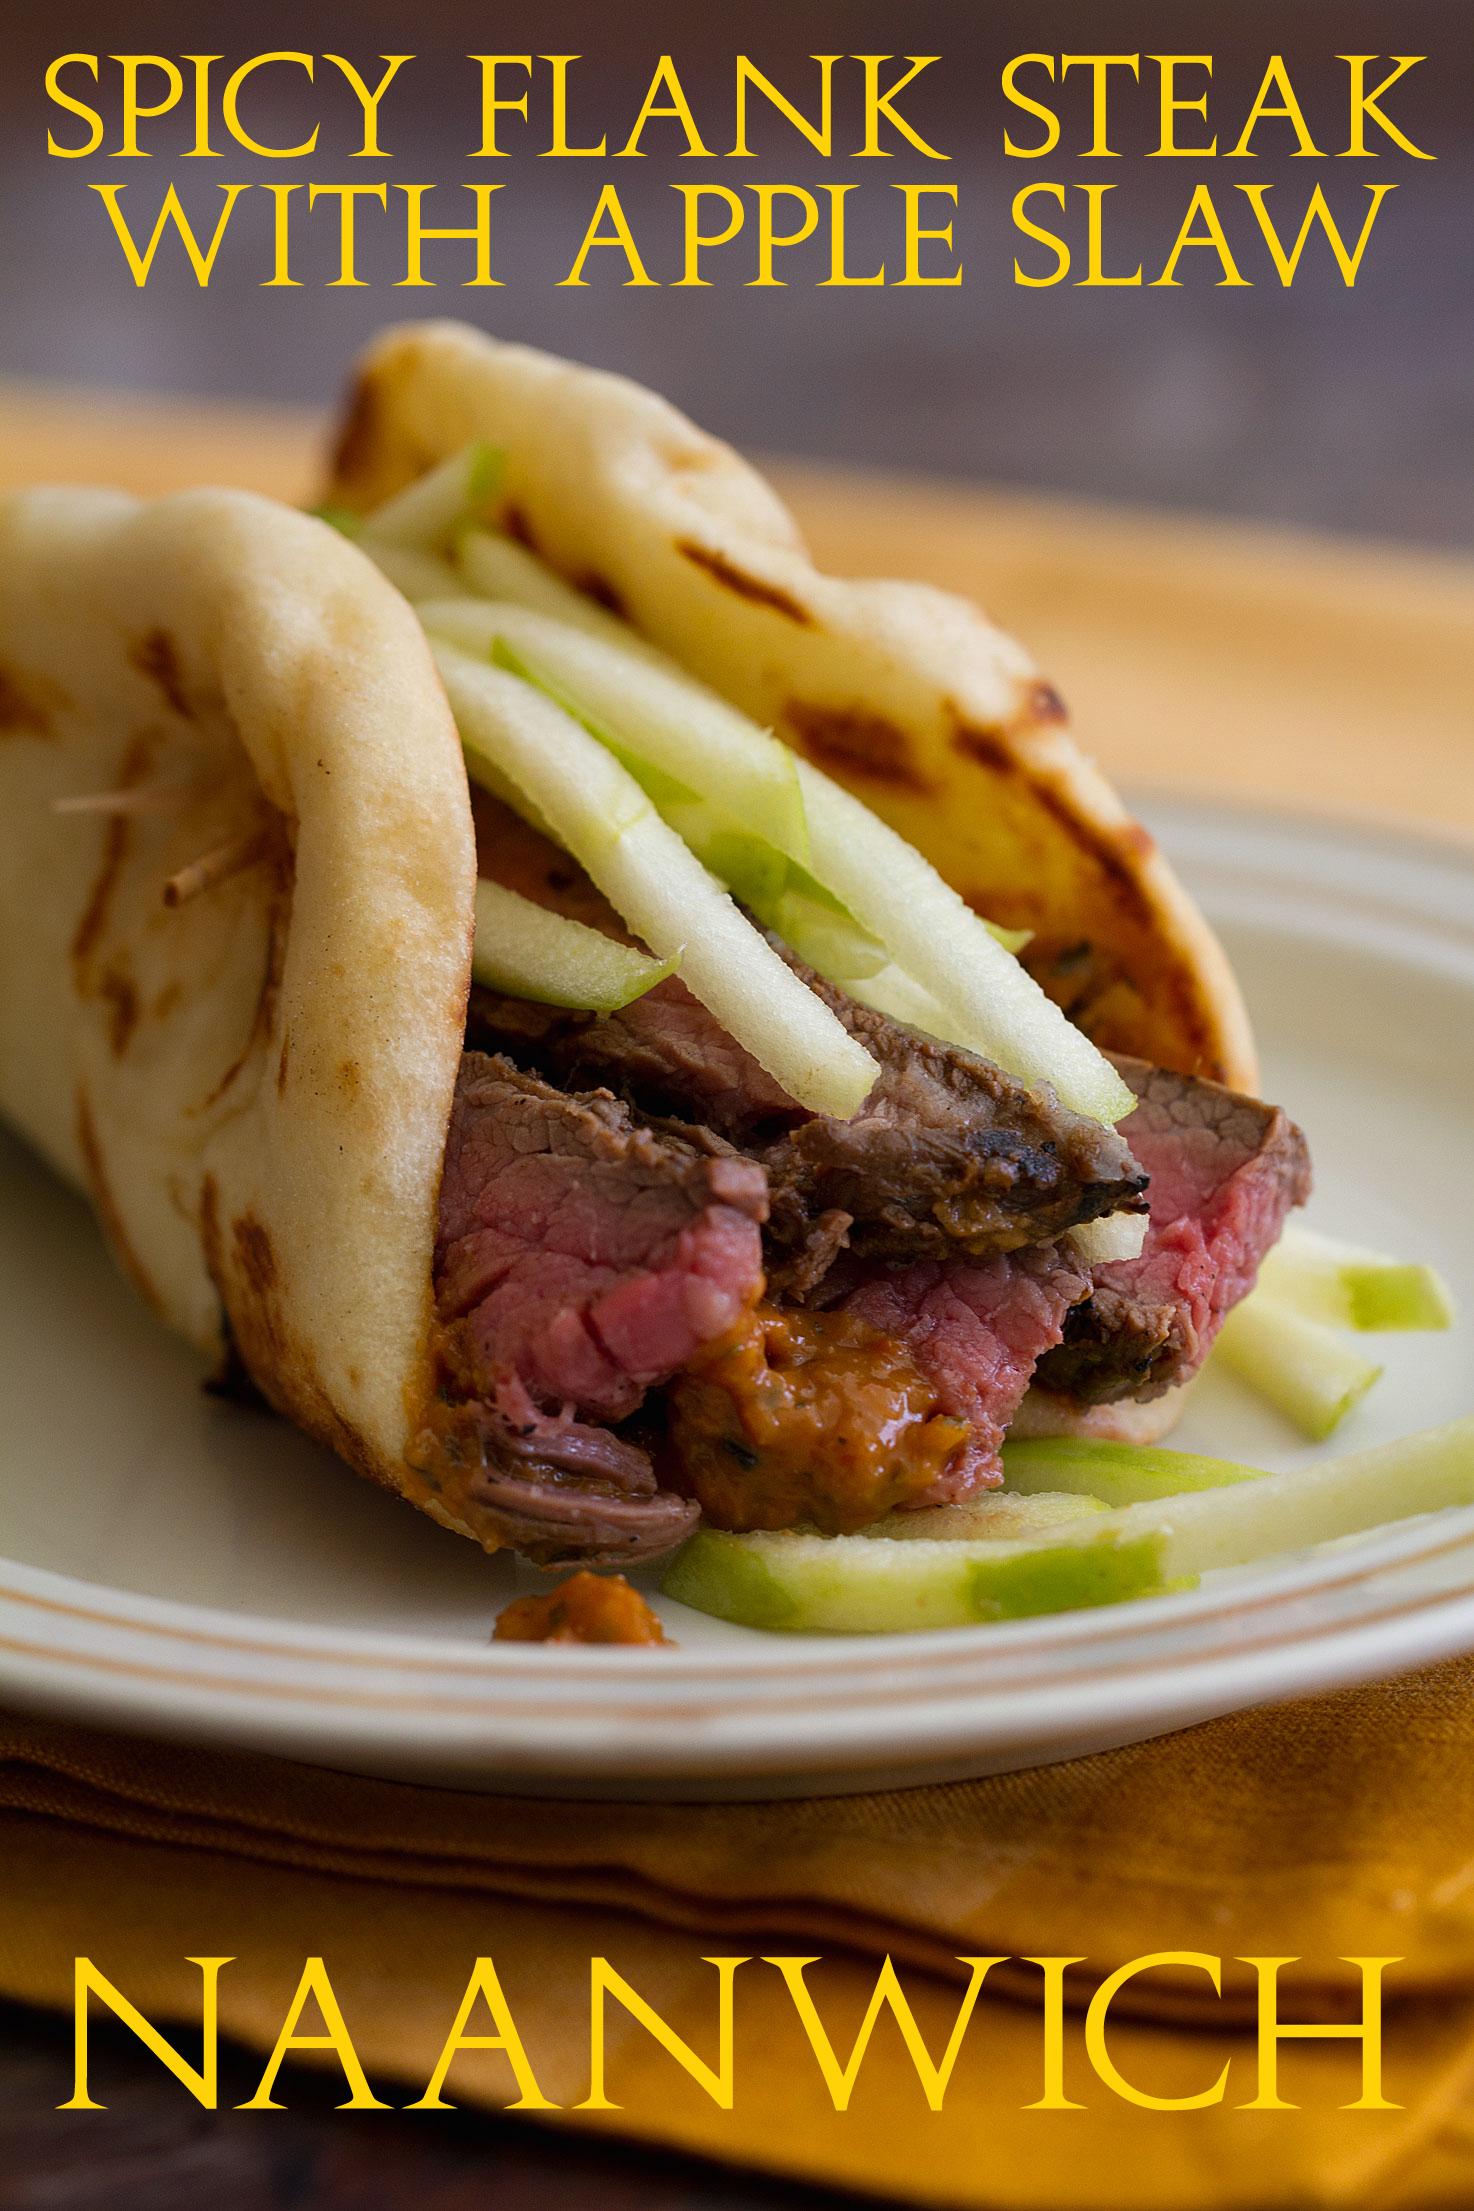 Spicy Flank Steak Naanwich